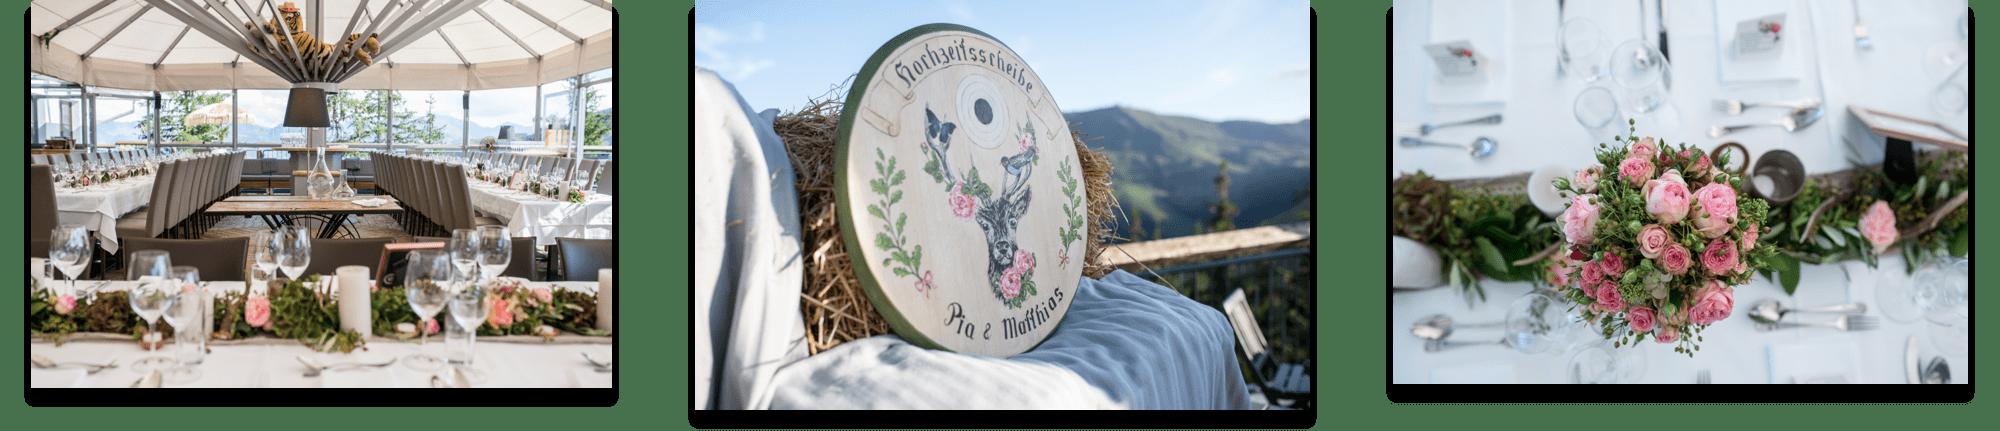 Hochzeiterie Blog Beitrag Heiraten im Dirndl.. 1 - Dirndl statt Prinzessinnenkleid